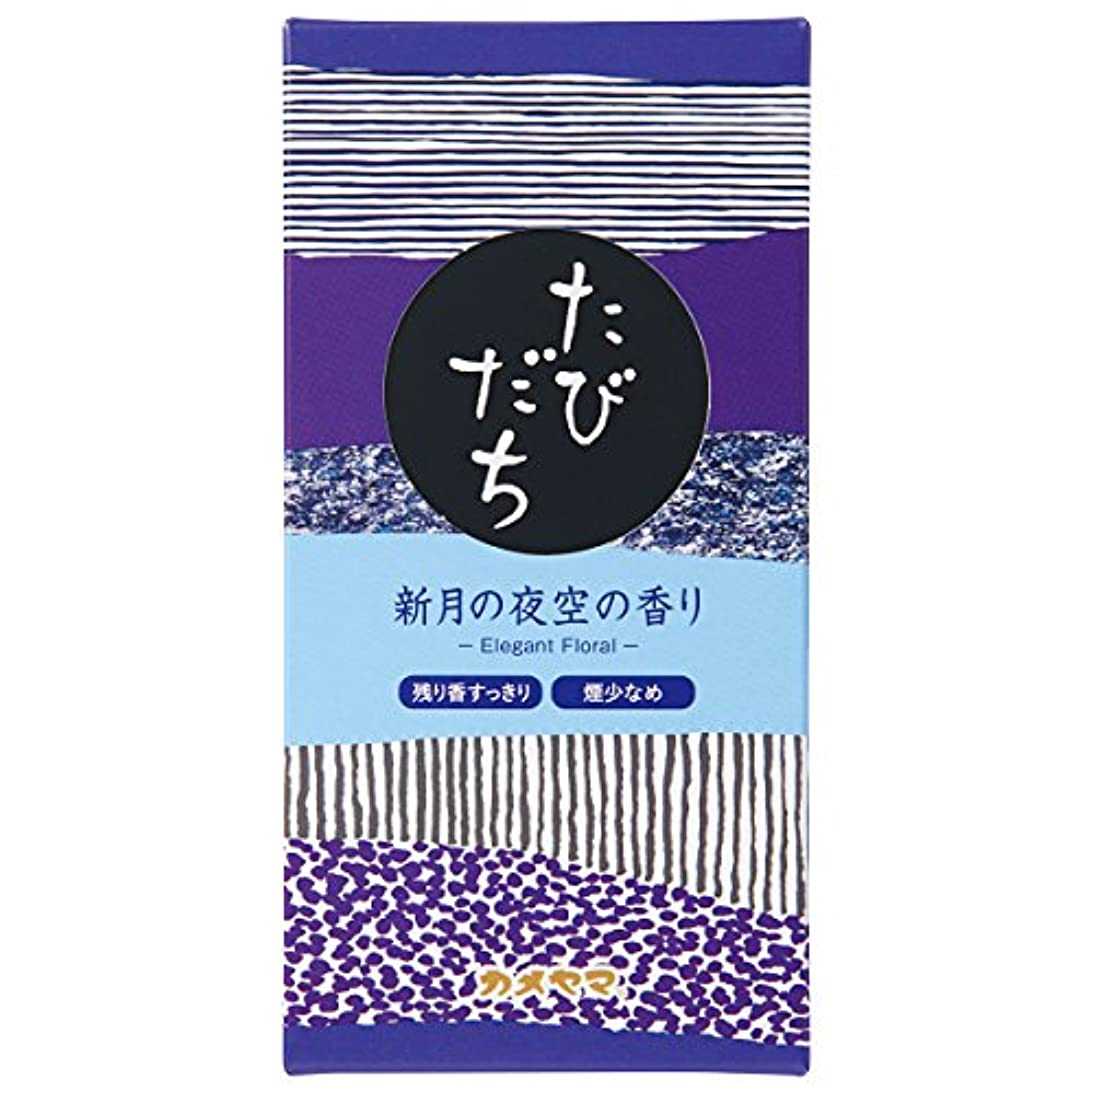 韓国錫ビヨンたびだち 新月の夜空の香り